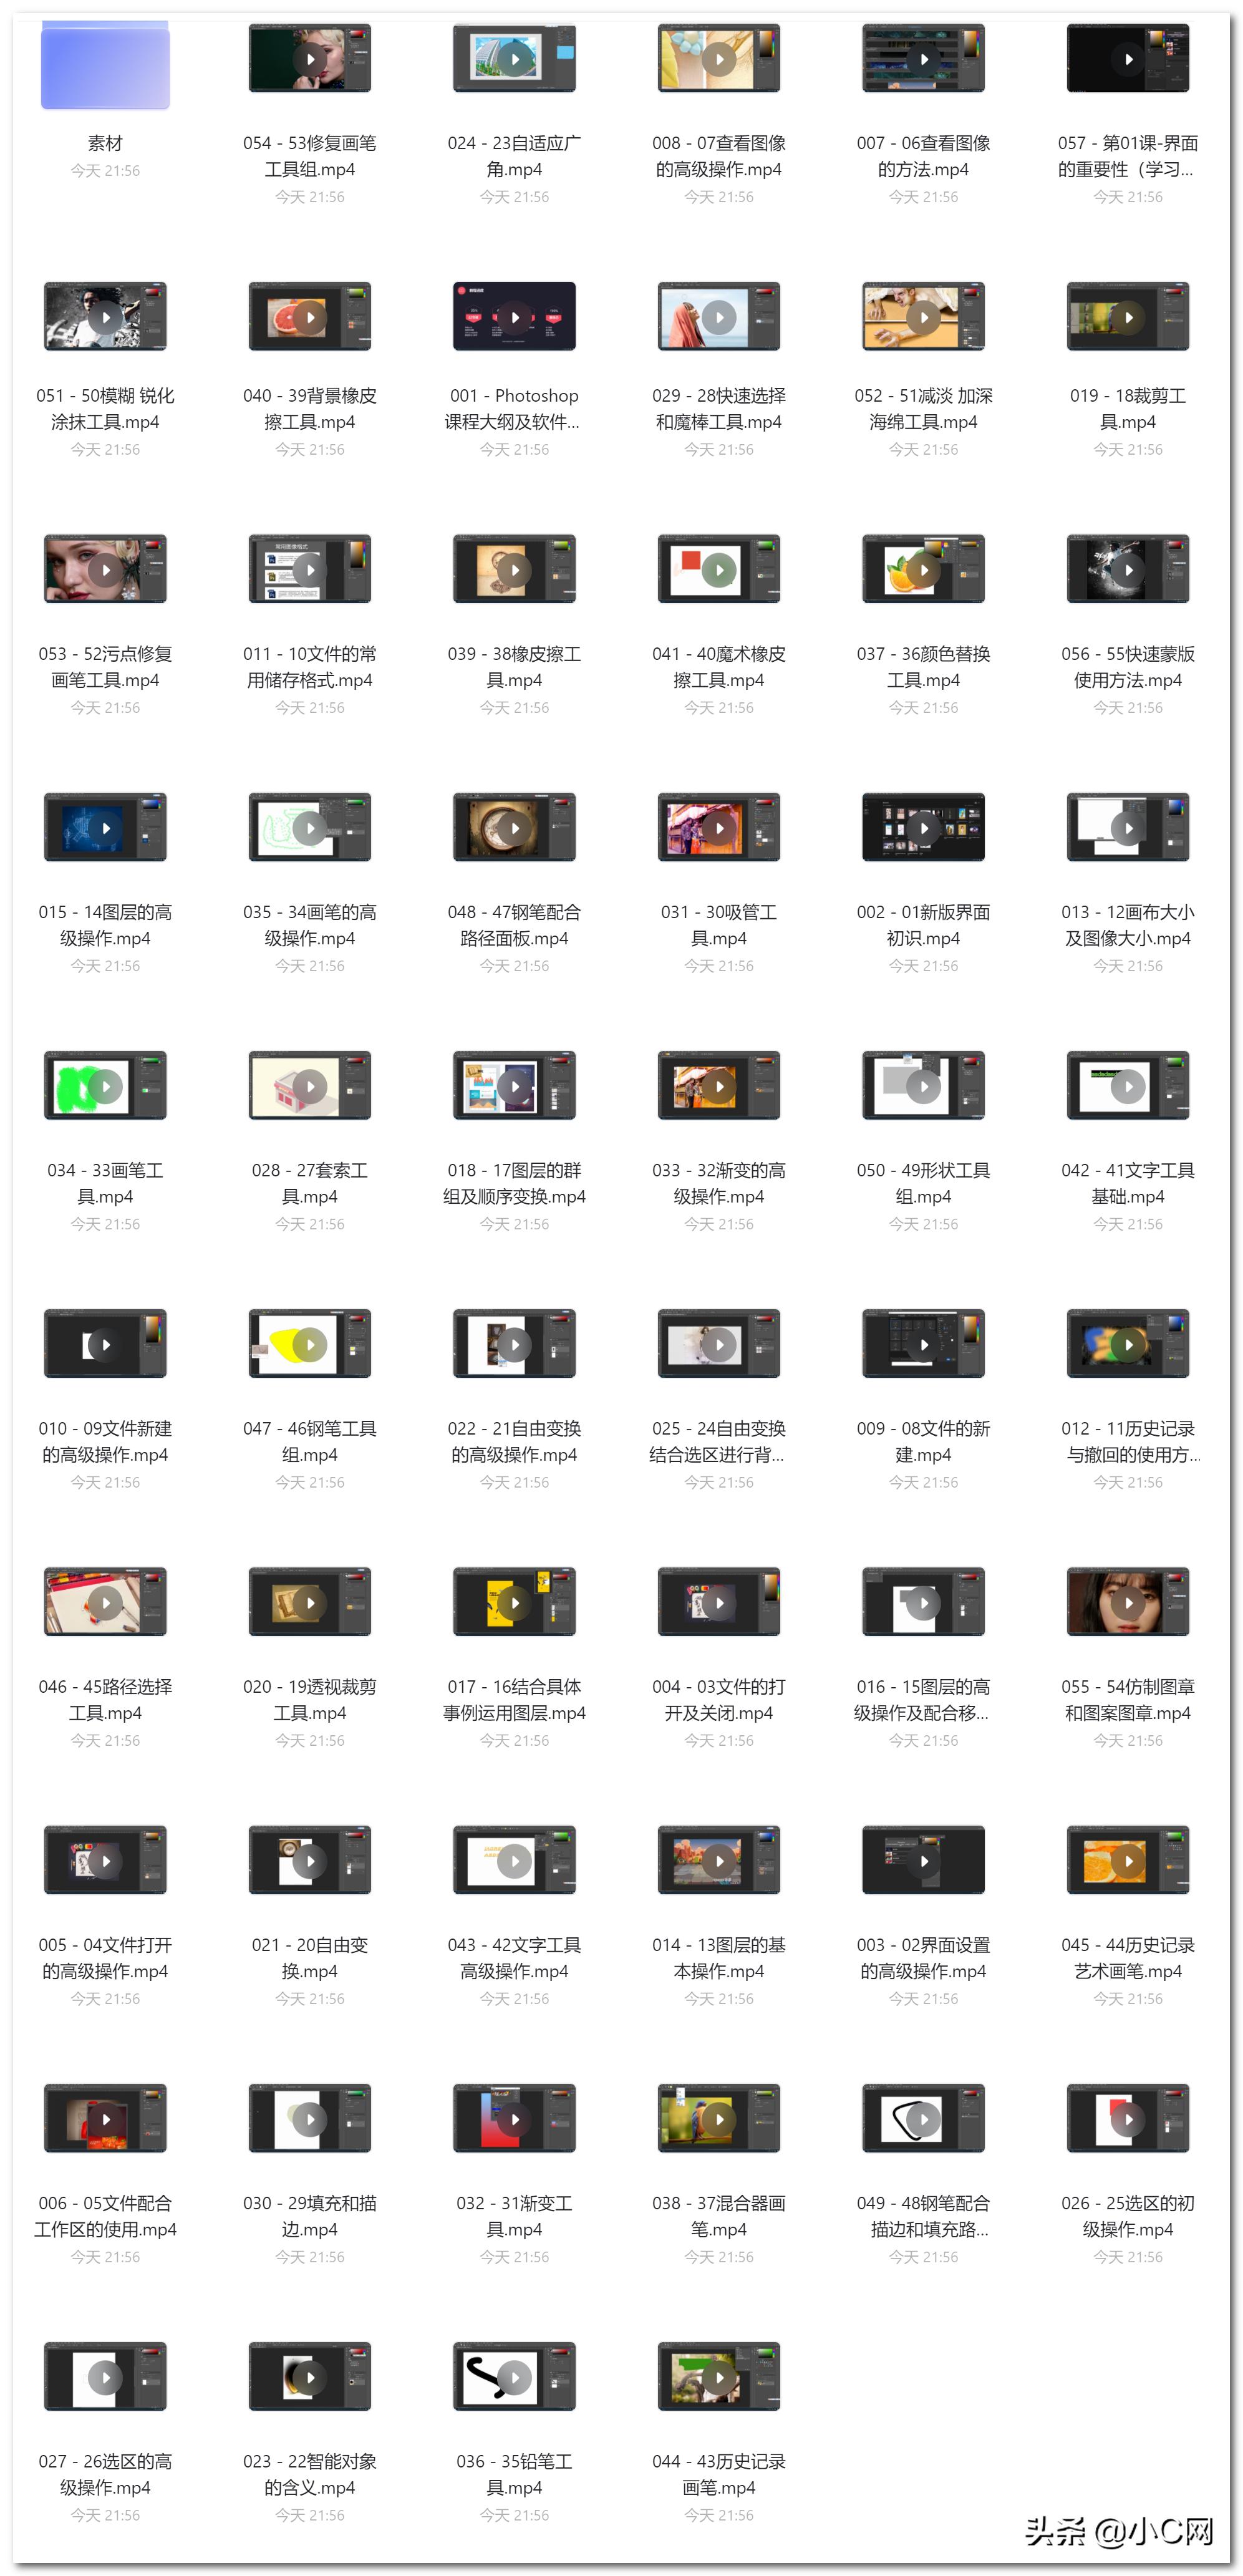 图片[1] - PS2020从入门到精通全套视频「常规水平」 - 小 C 网